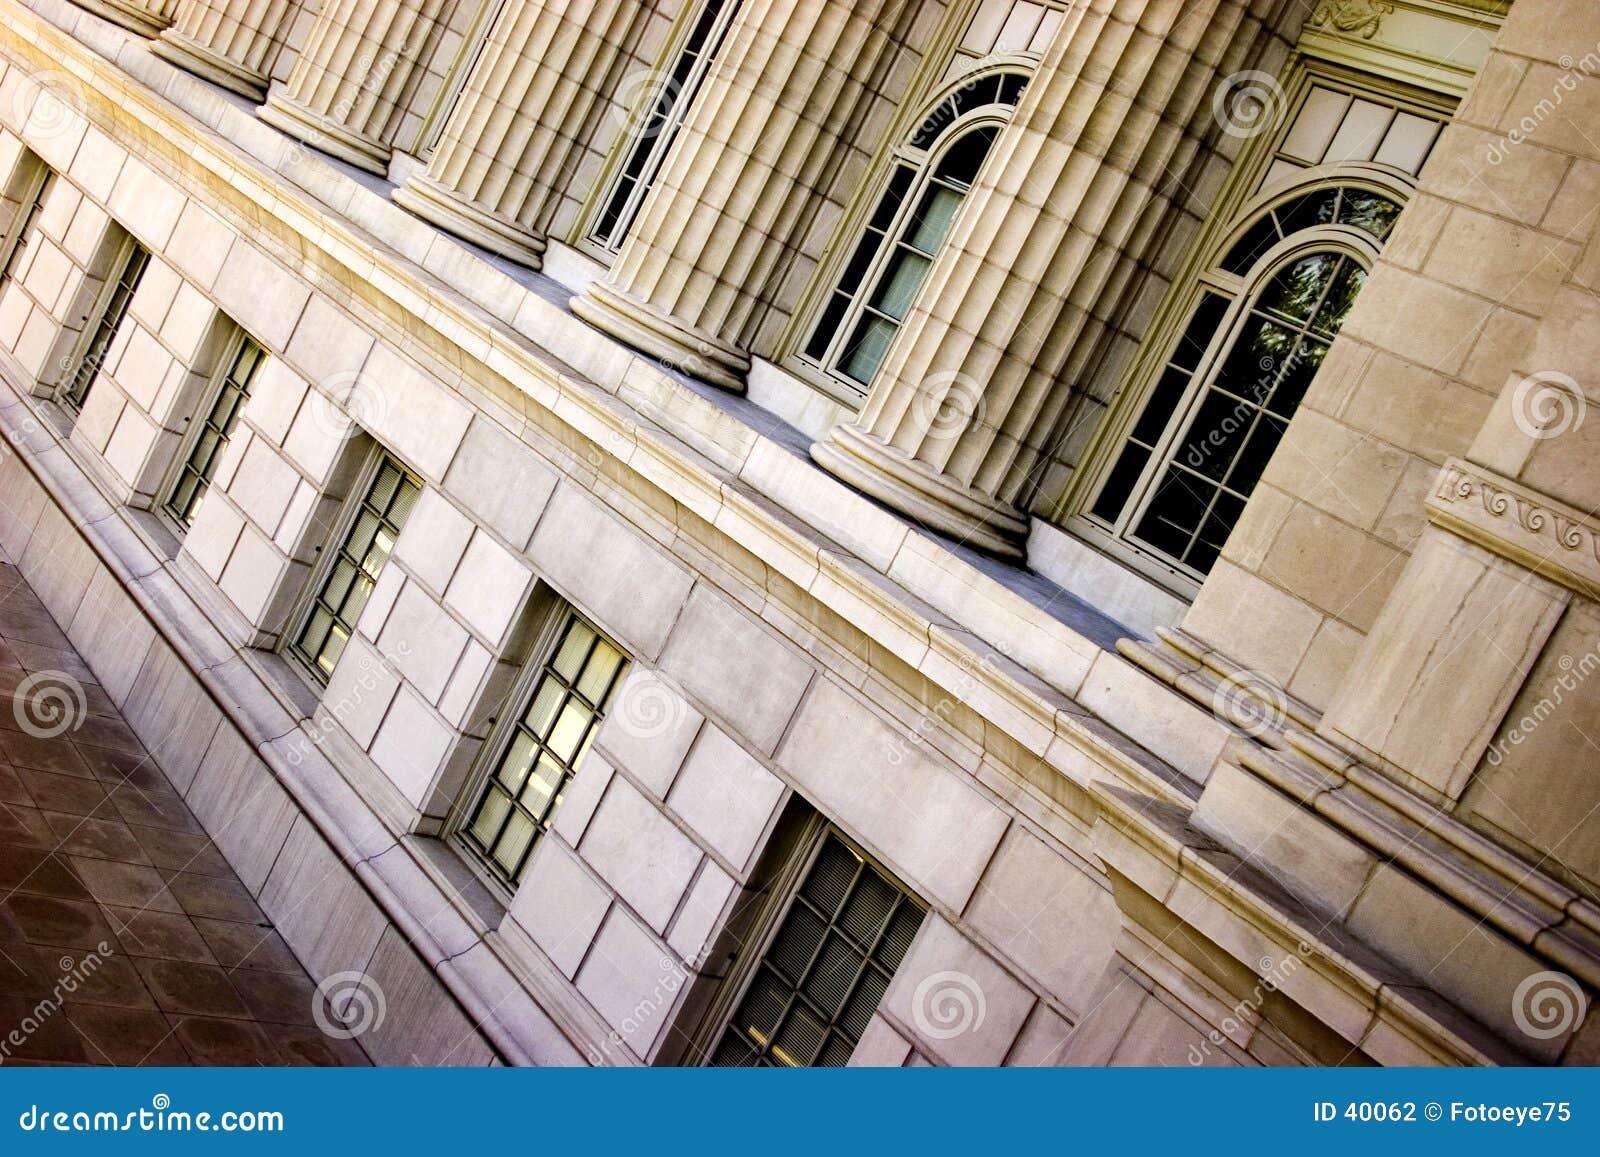 Download Pilares inclinados foto de archivo. Imagen de inclinación - 40062